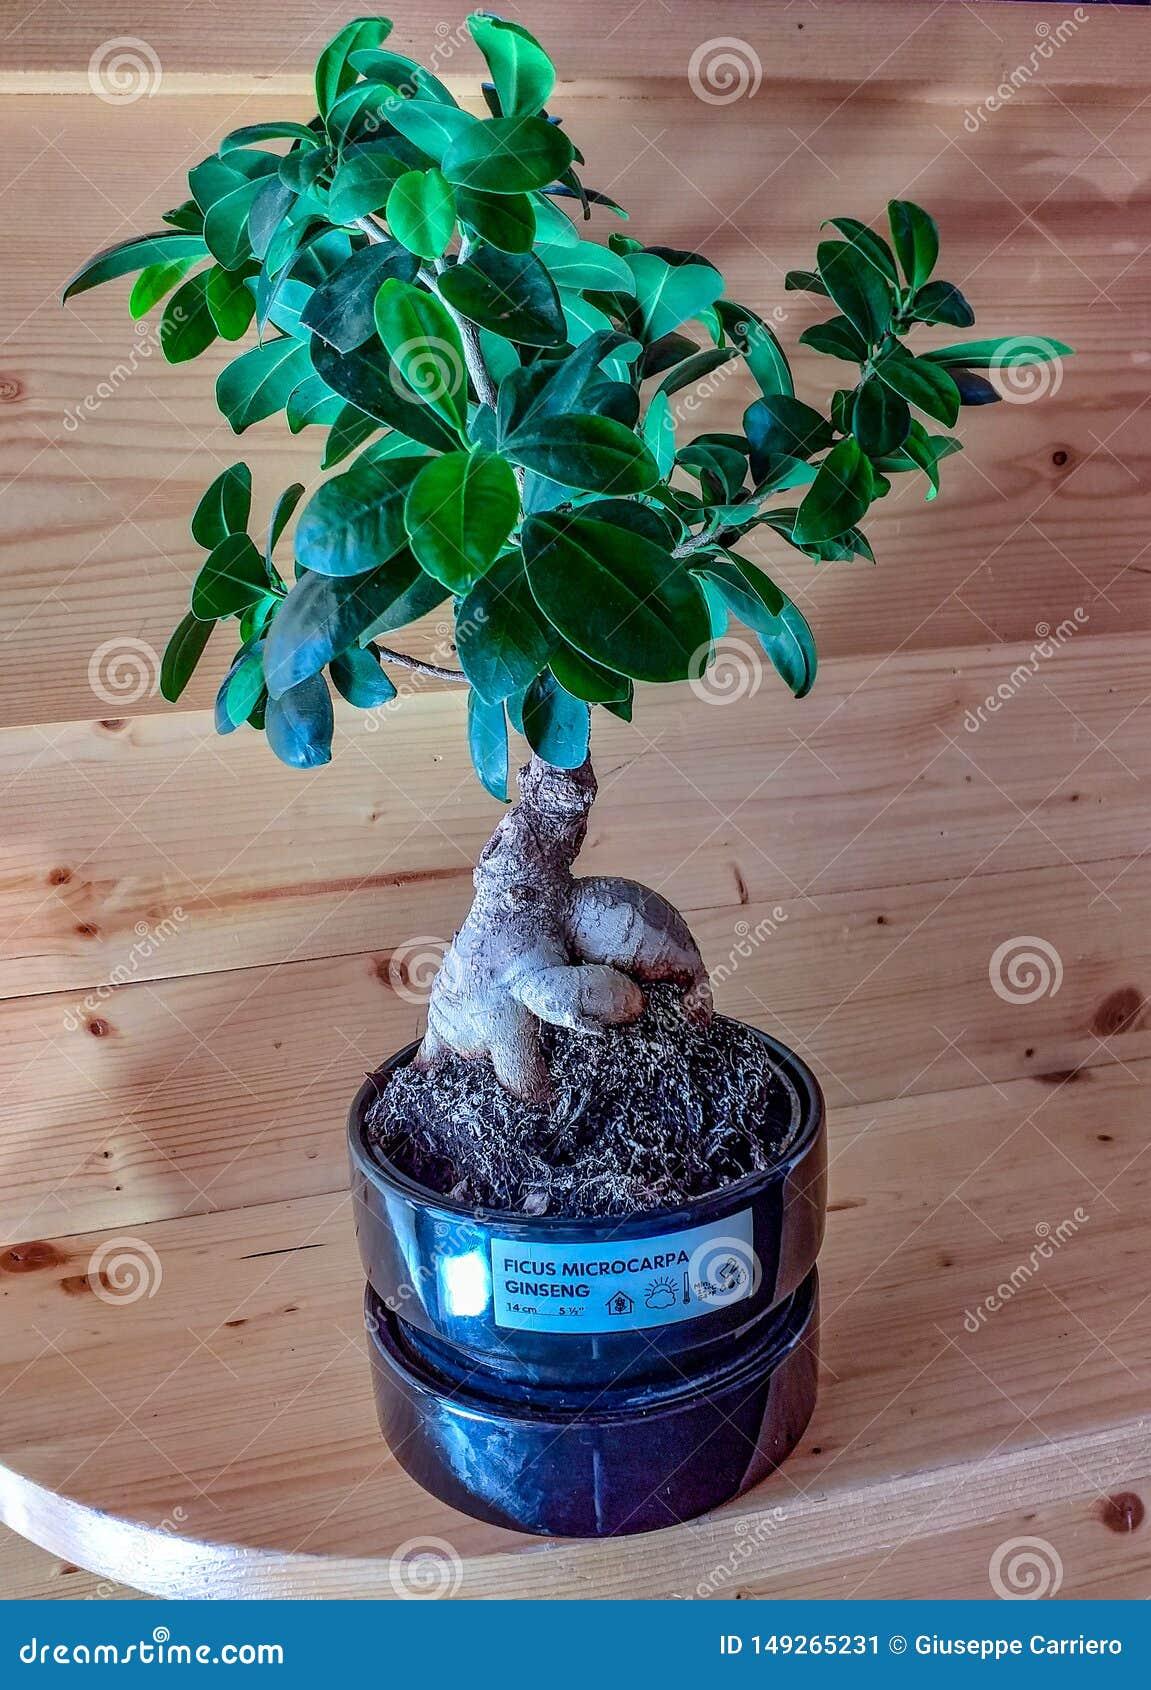 Mali ginseng bonsai teraz w Europa są wiele sklepy które sprzedają je tam bonsai jako ornamentacyjna roślina robi swój pracie